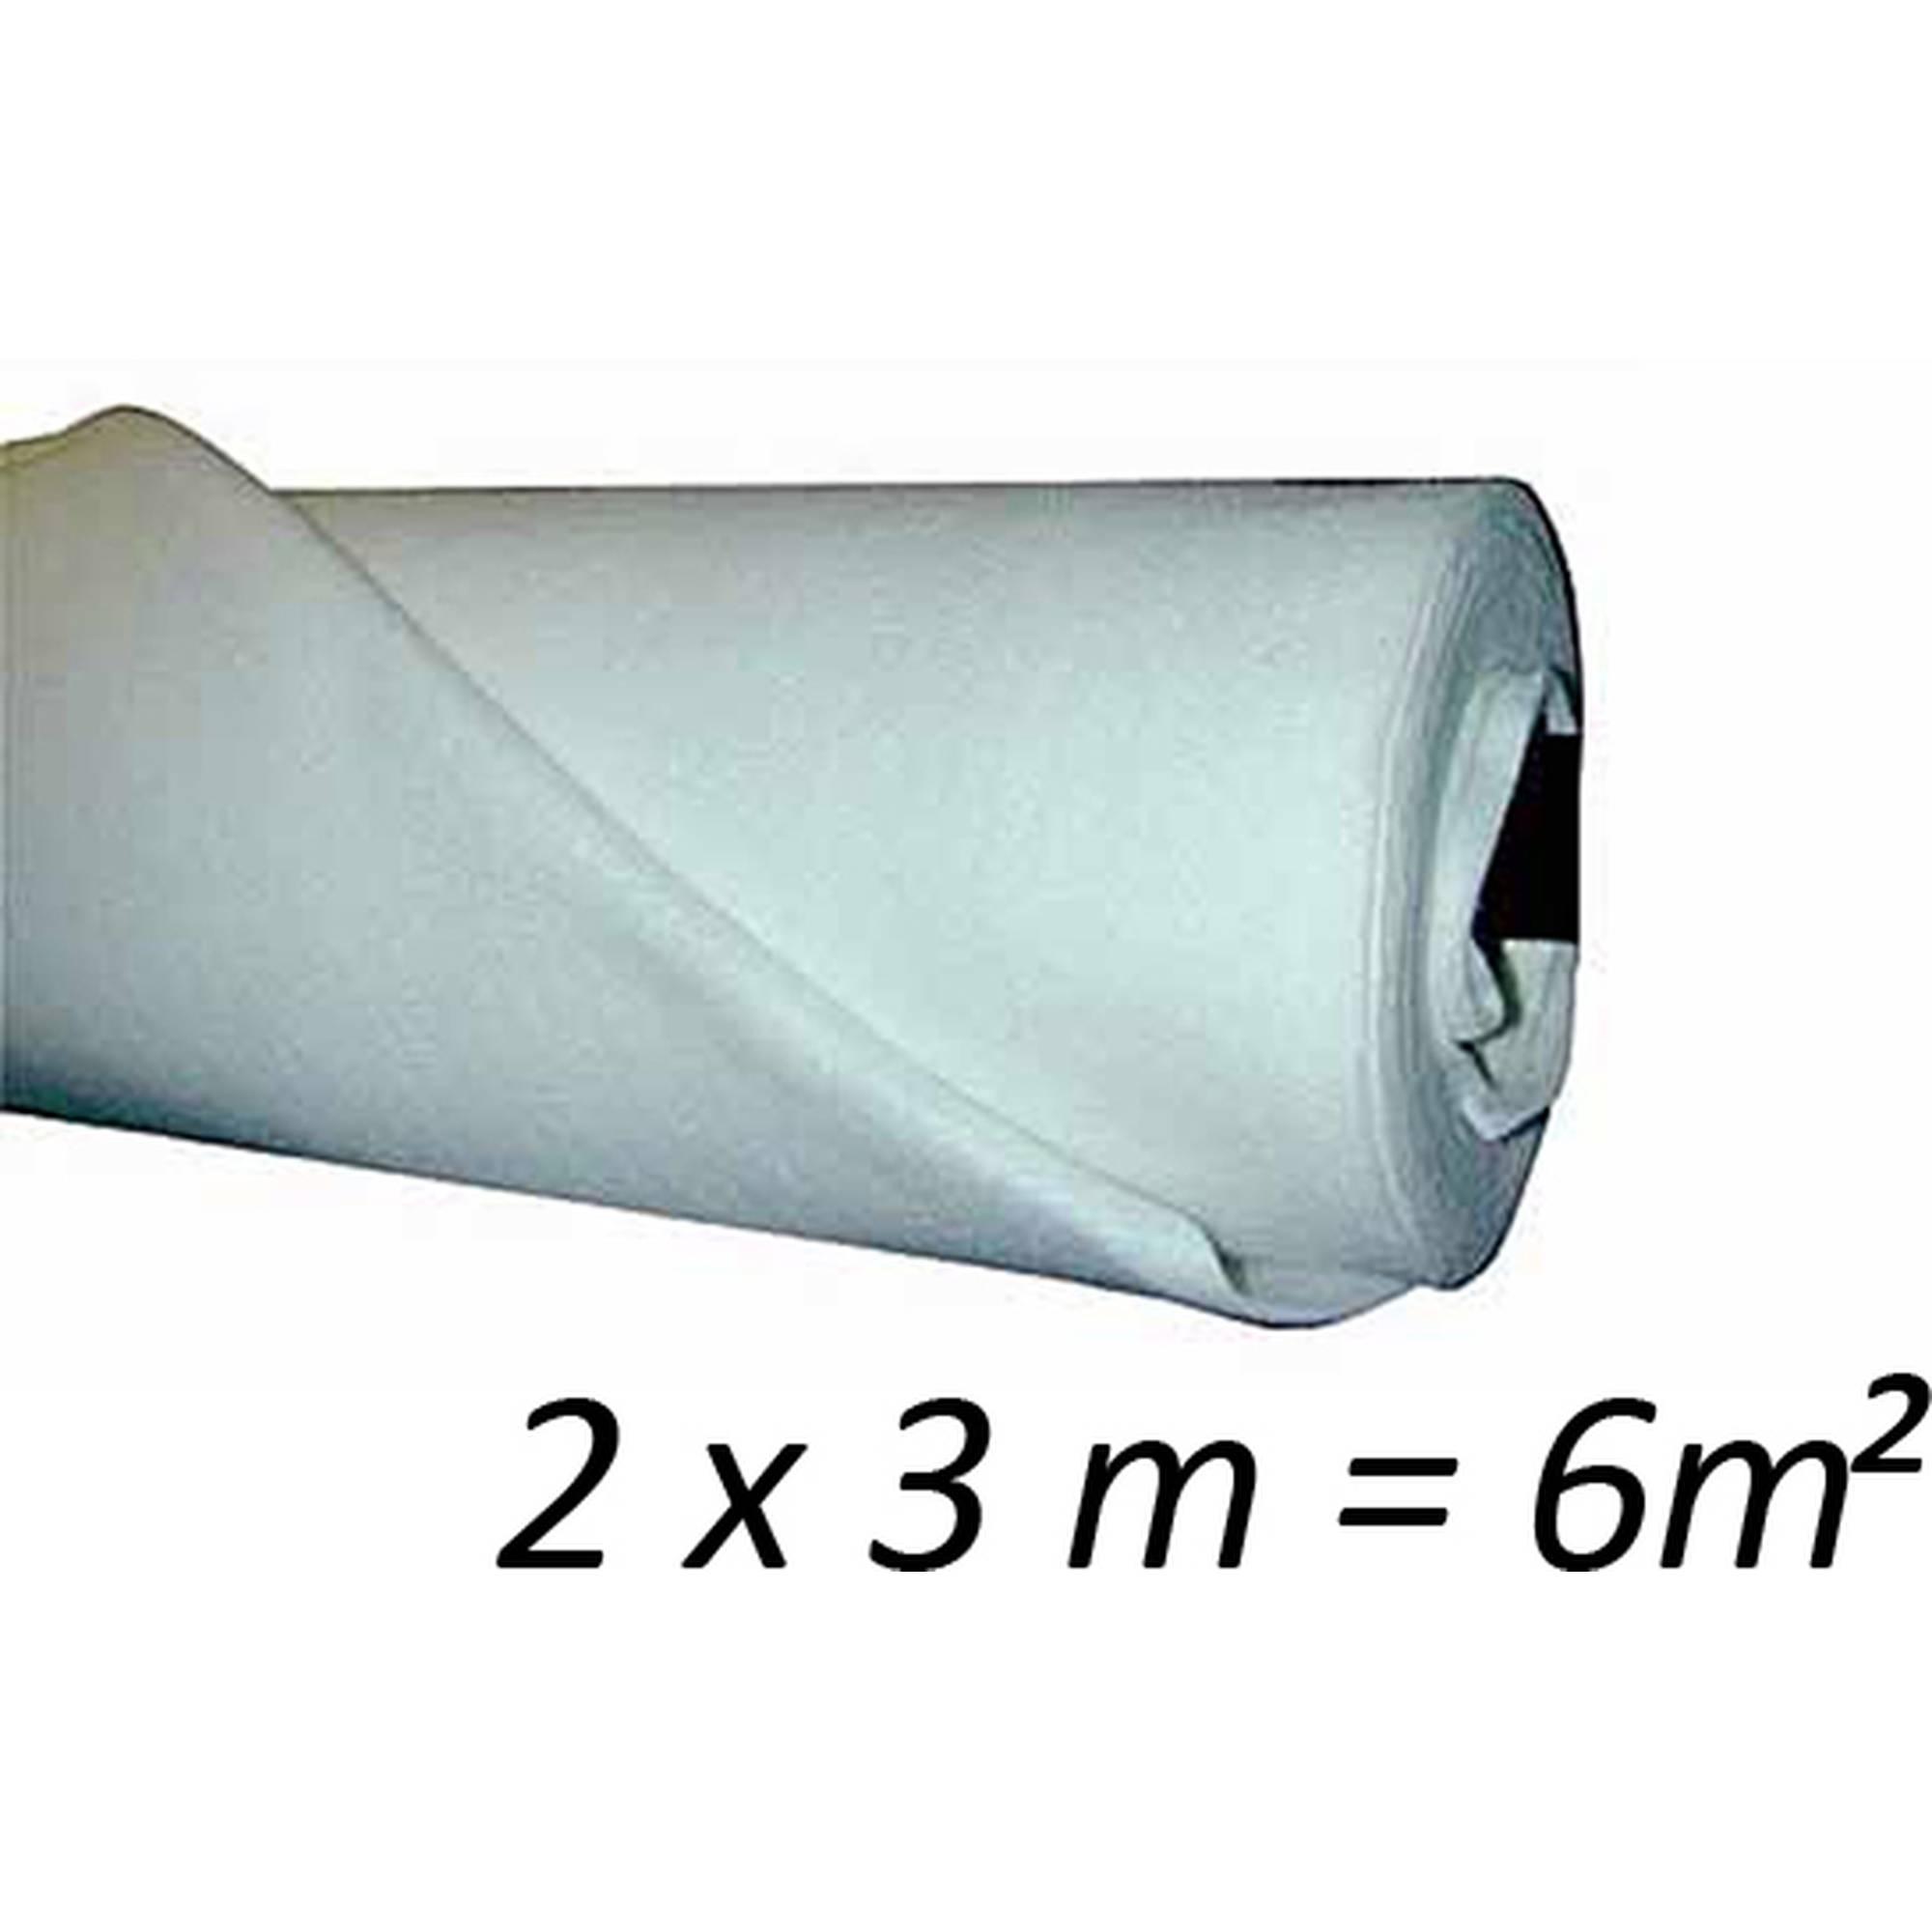 Teichvlies für den Teichbau 2 x 3 m, 200g/m²